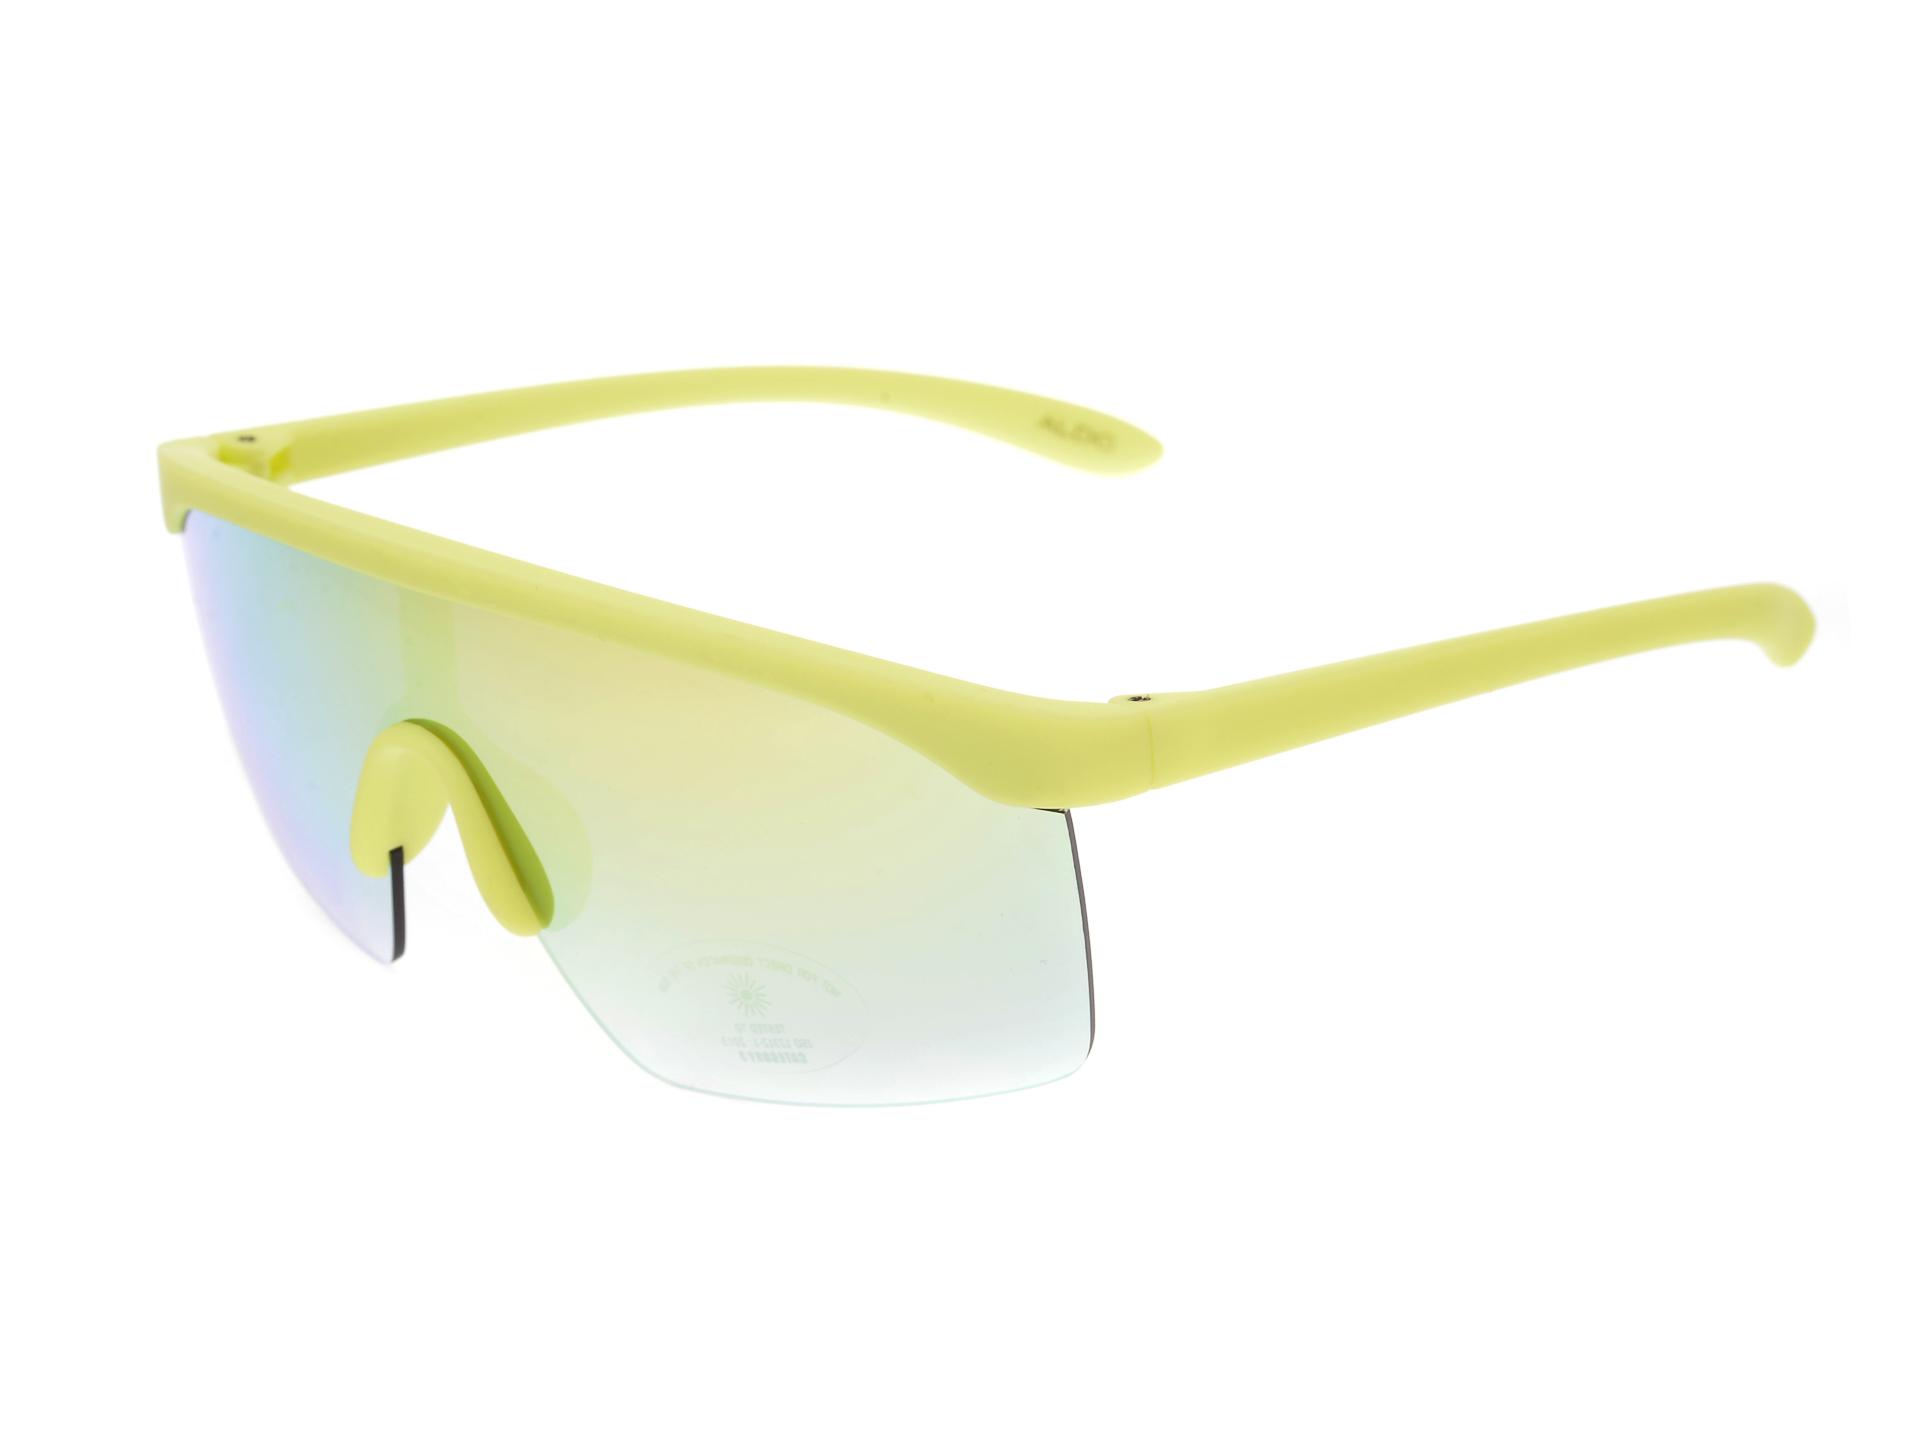 Ochelari de soare ALDO galbeni, Ardisson750, din PVC imagine